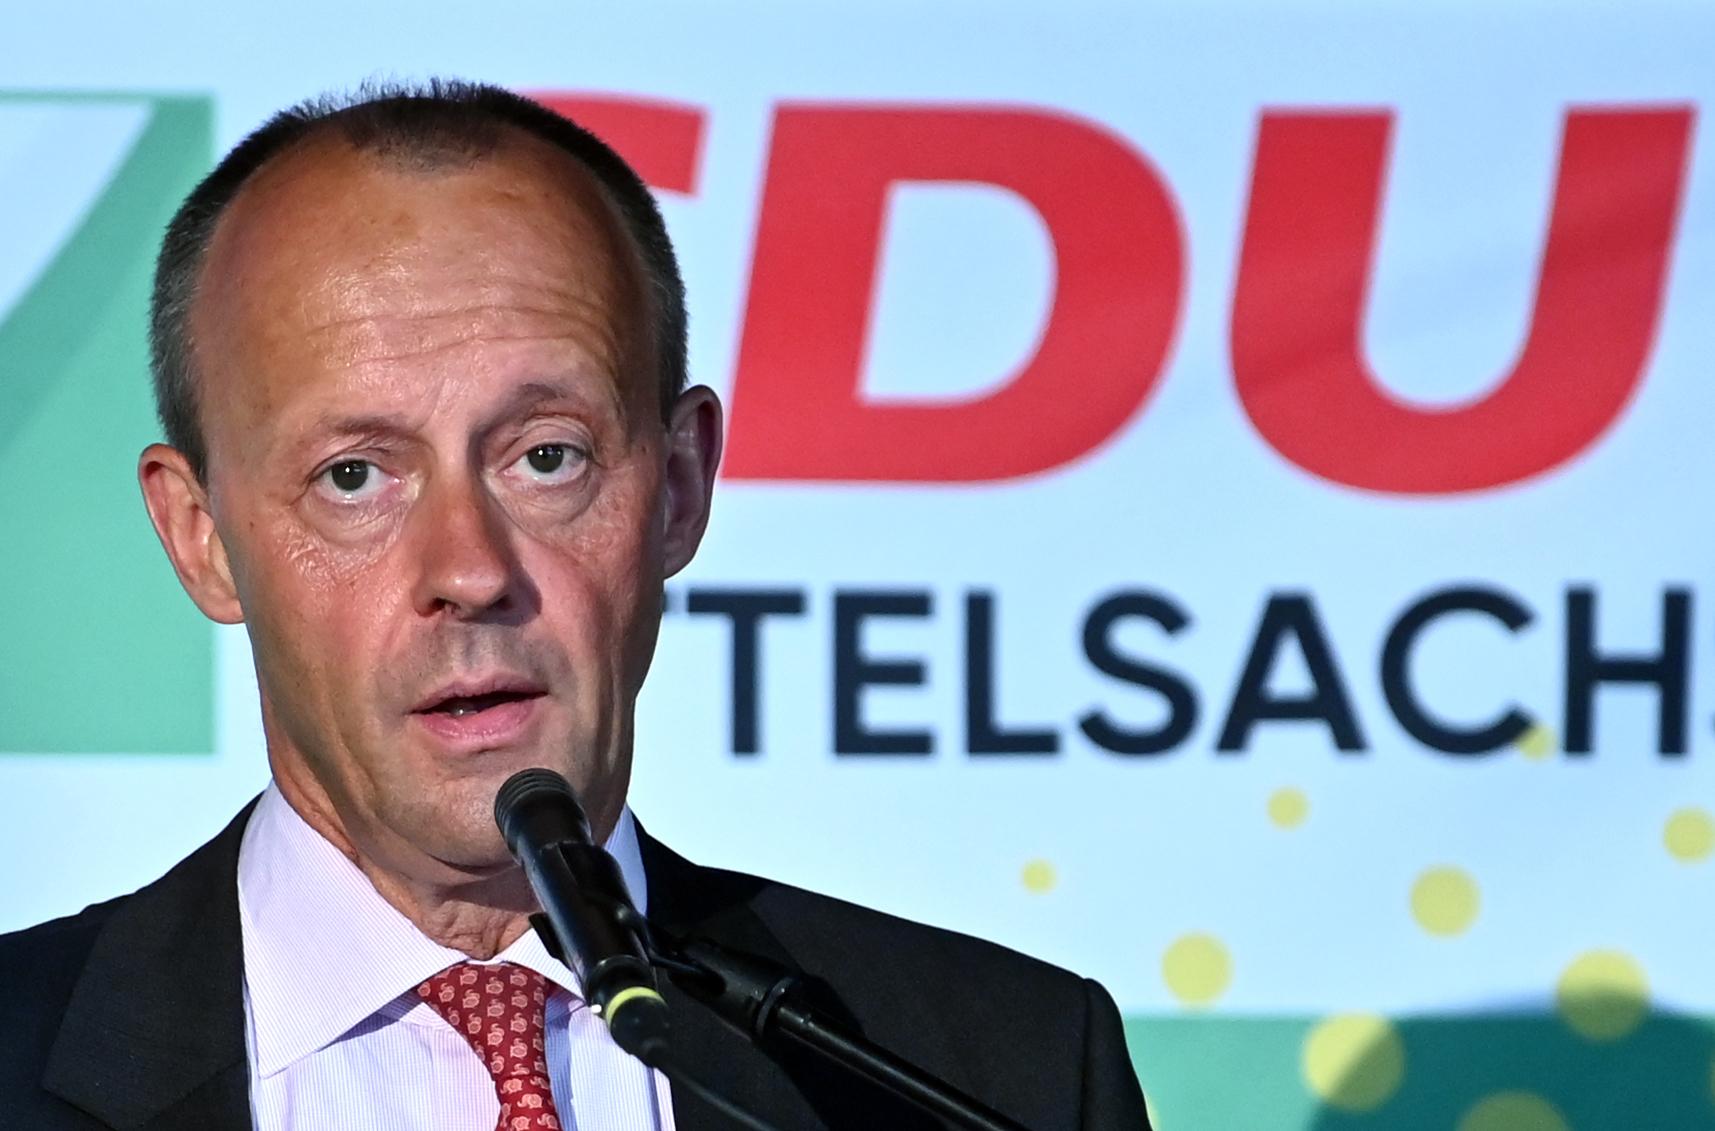 Der Kandidat für den CDU-Parteivorsitz, Friedrich Merz, steht in der Kritik Foto: picture alliance/Hendrik Schmidt/dpa-Zentralbild/dpa